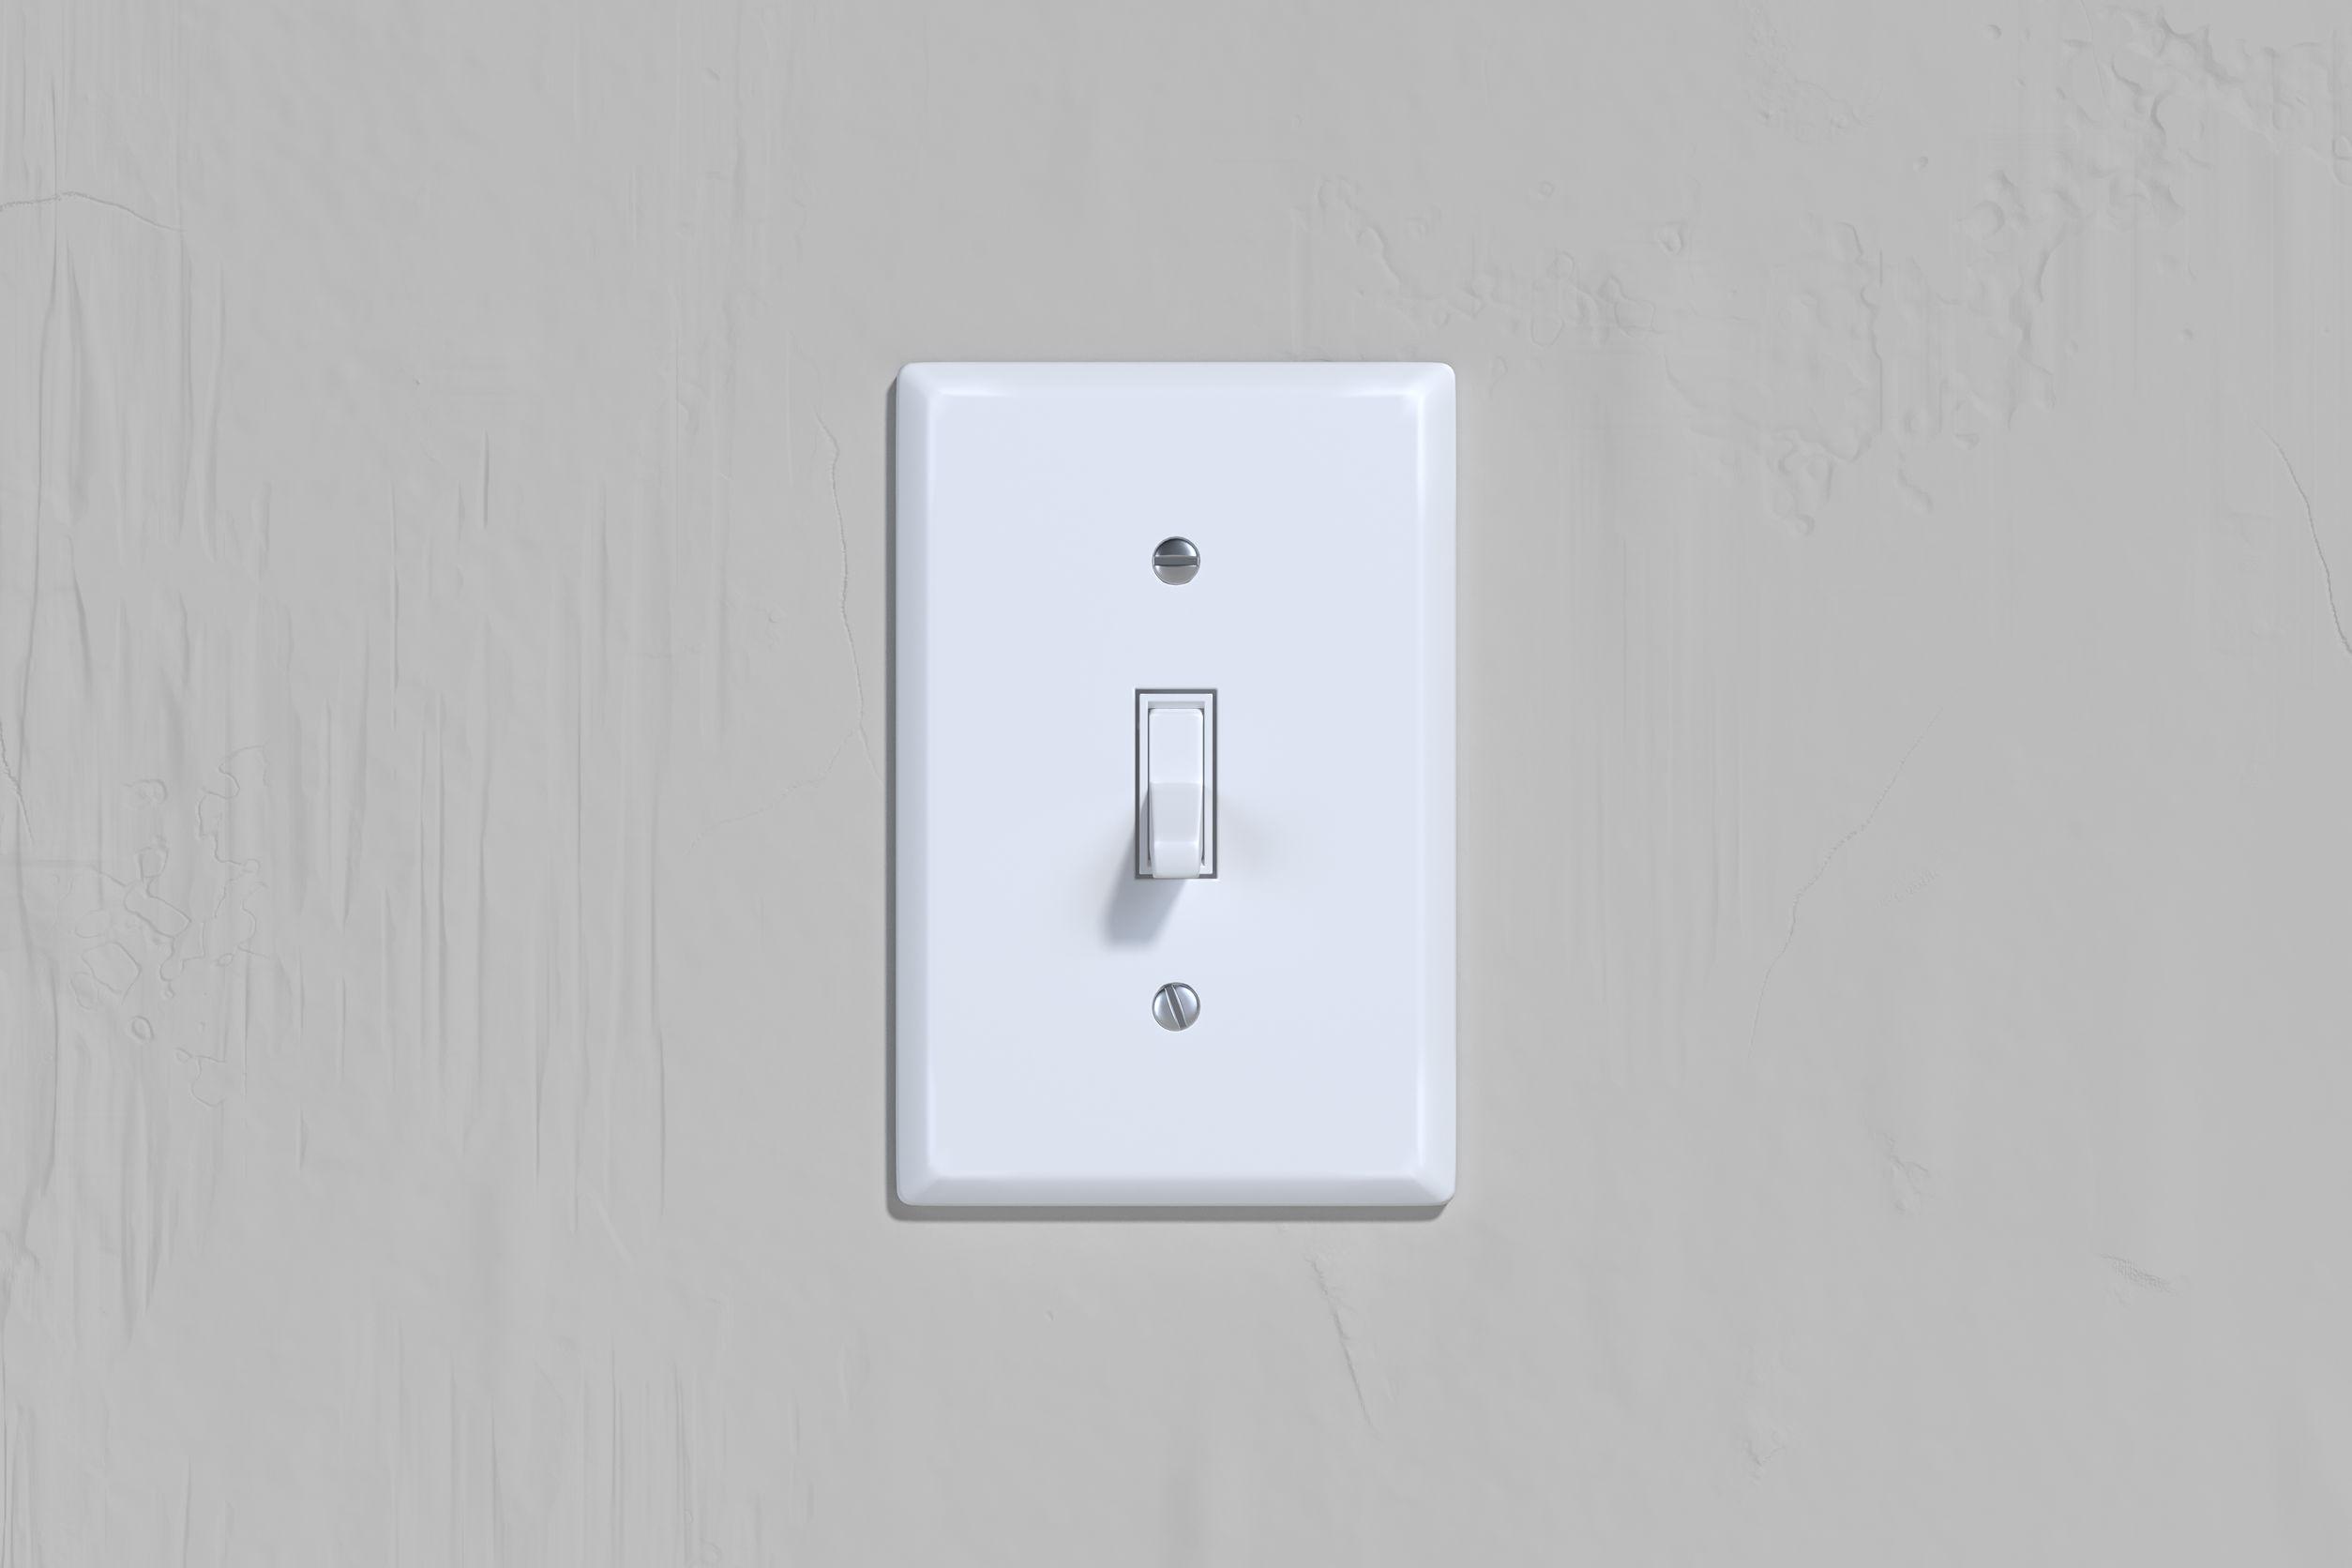 Interruptor de luz.